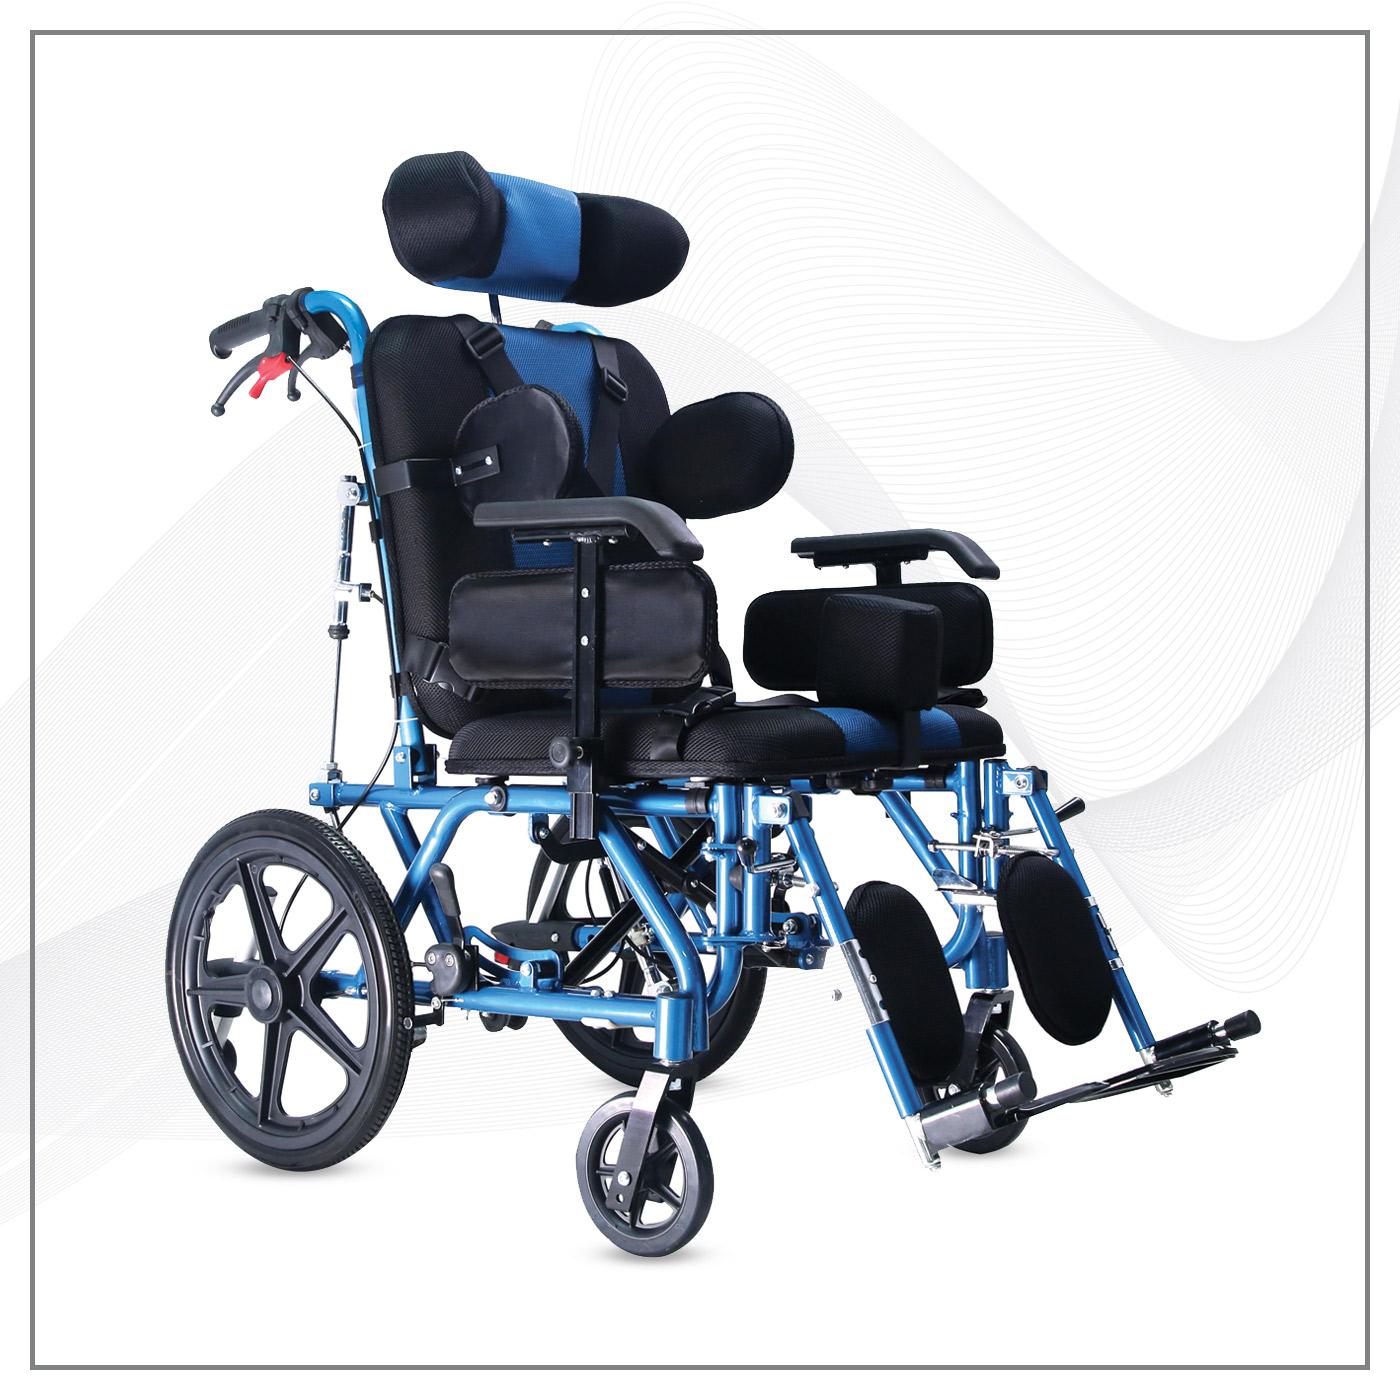 bc Tıp Sağlık Tekerlekli Sandalye ve Oturaklar AL 08-20